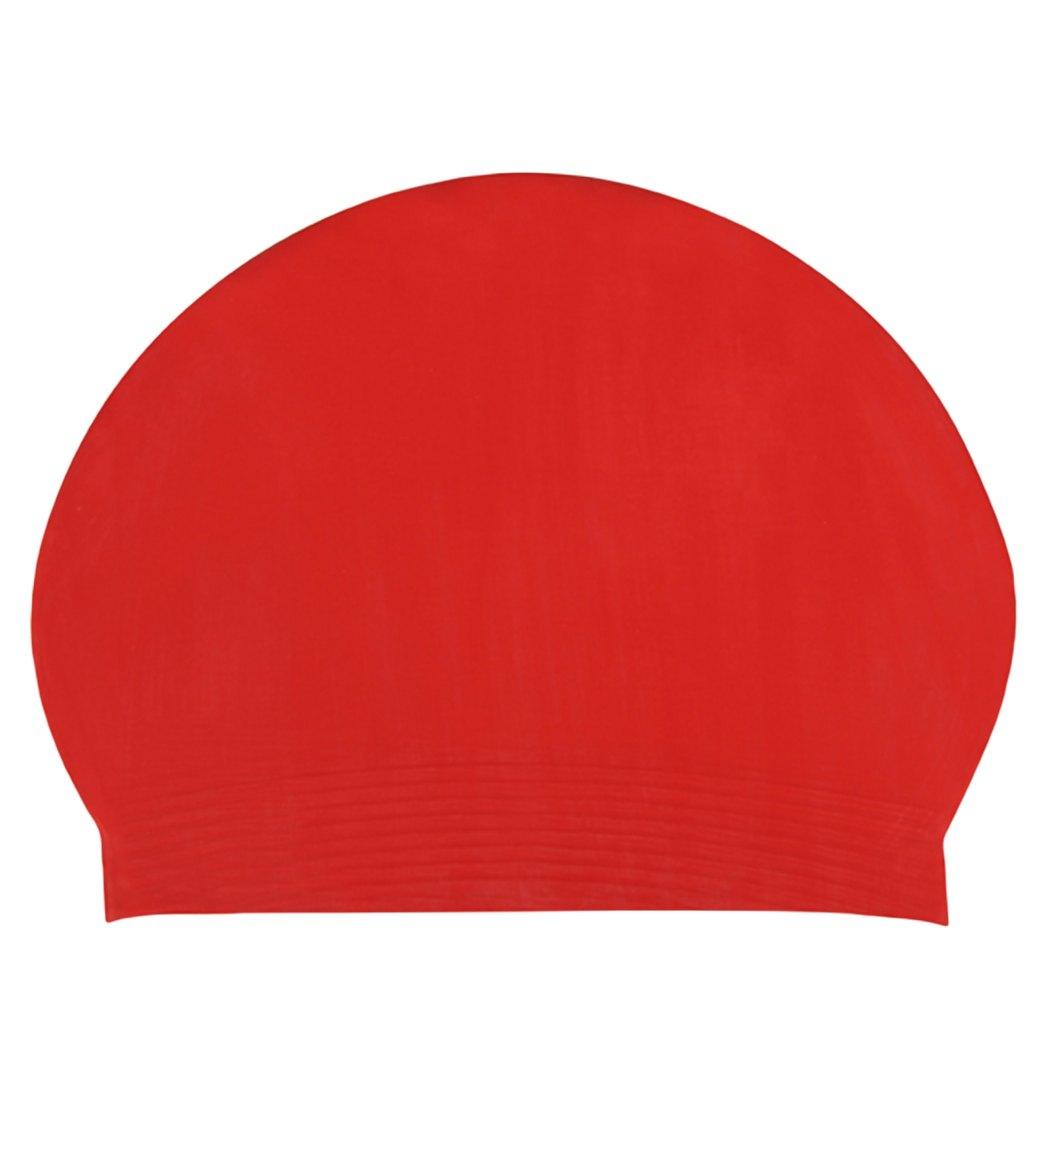 competitive price d8a91 6e399 Sporti Latex Swim Cap